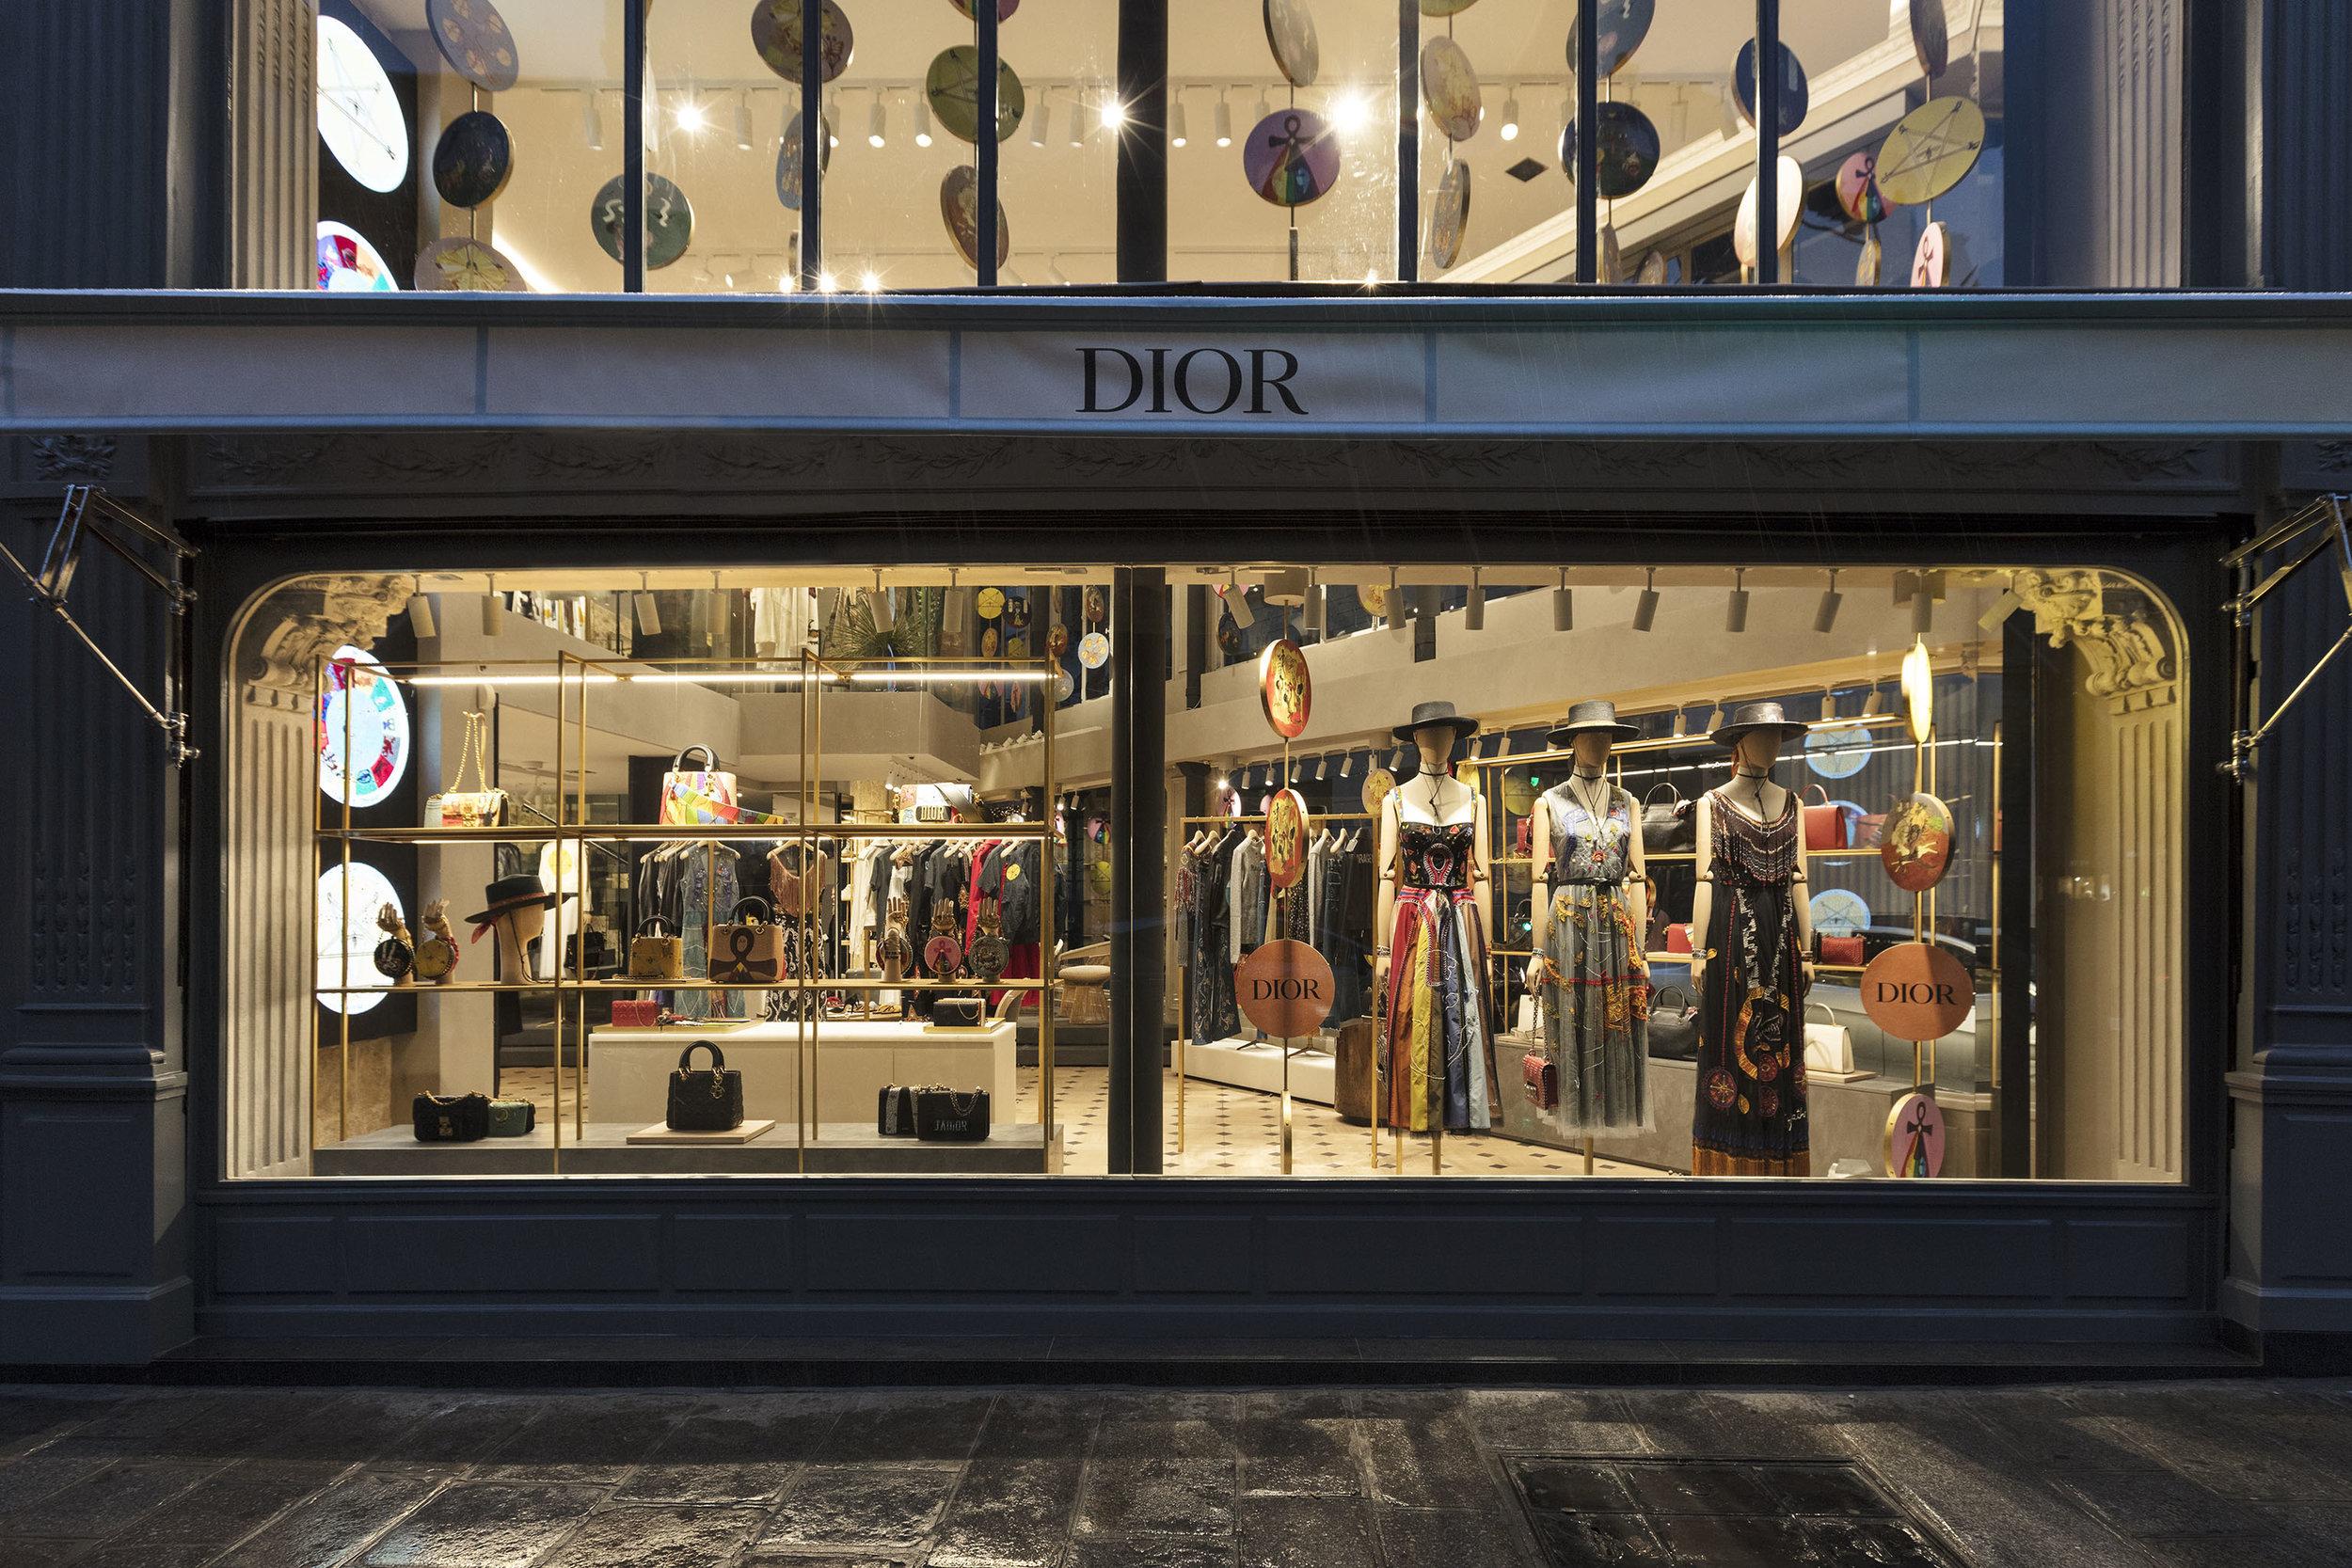 Vitrine da Dior, Paris/FR - 100% inspirada nos Arquétipos do  Tarot .